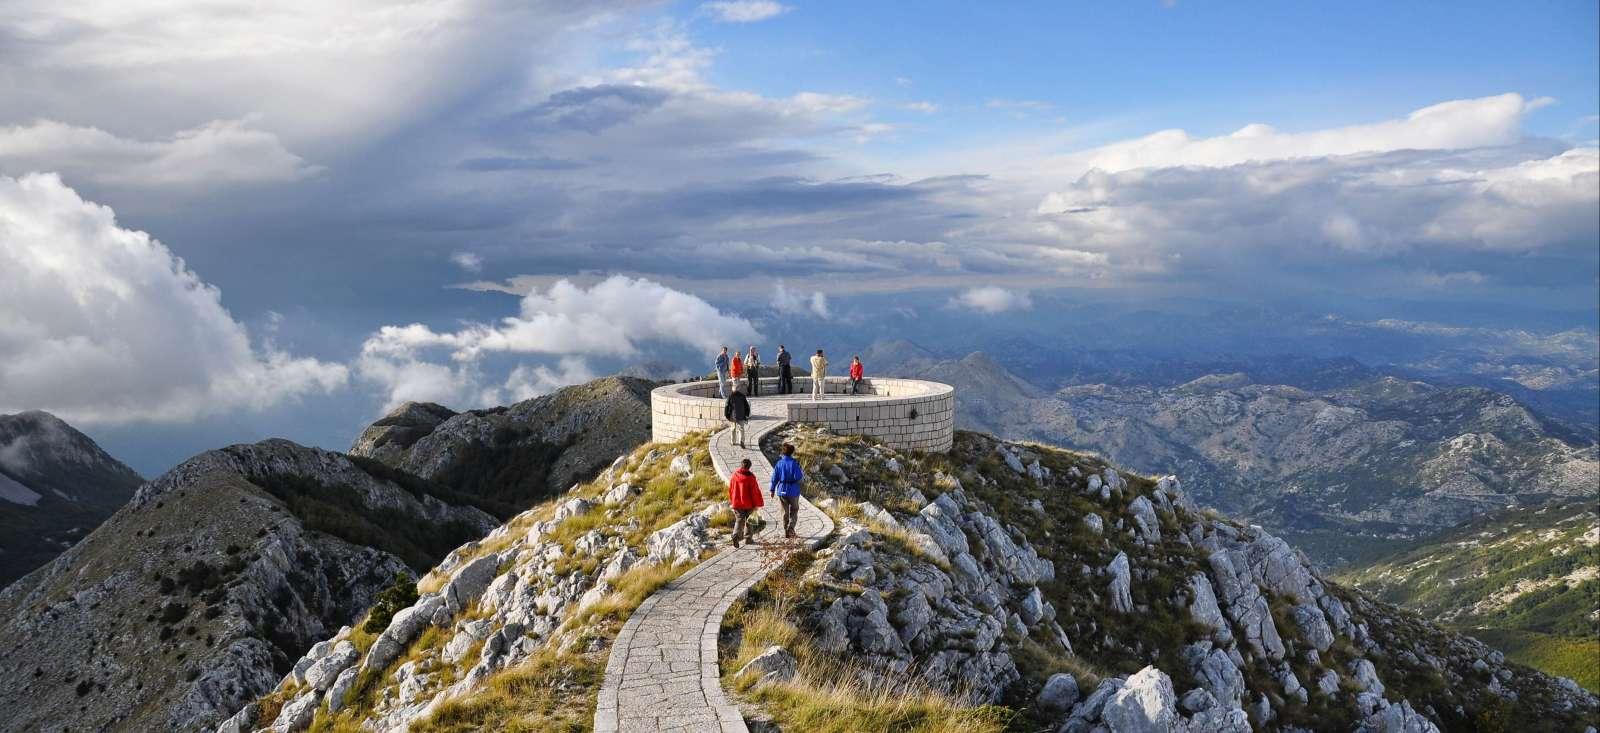 Voyage à thème : Montagnes et rives du Monténégro